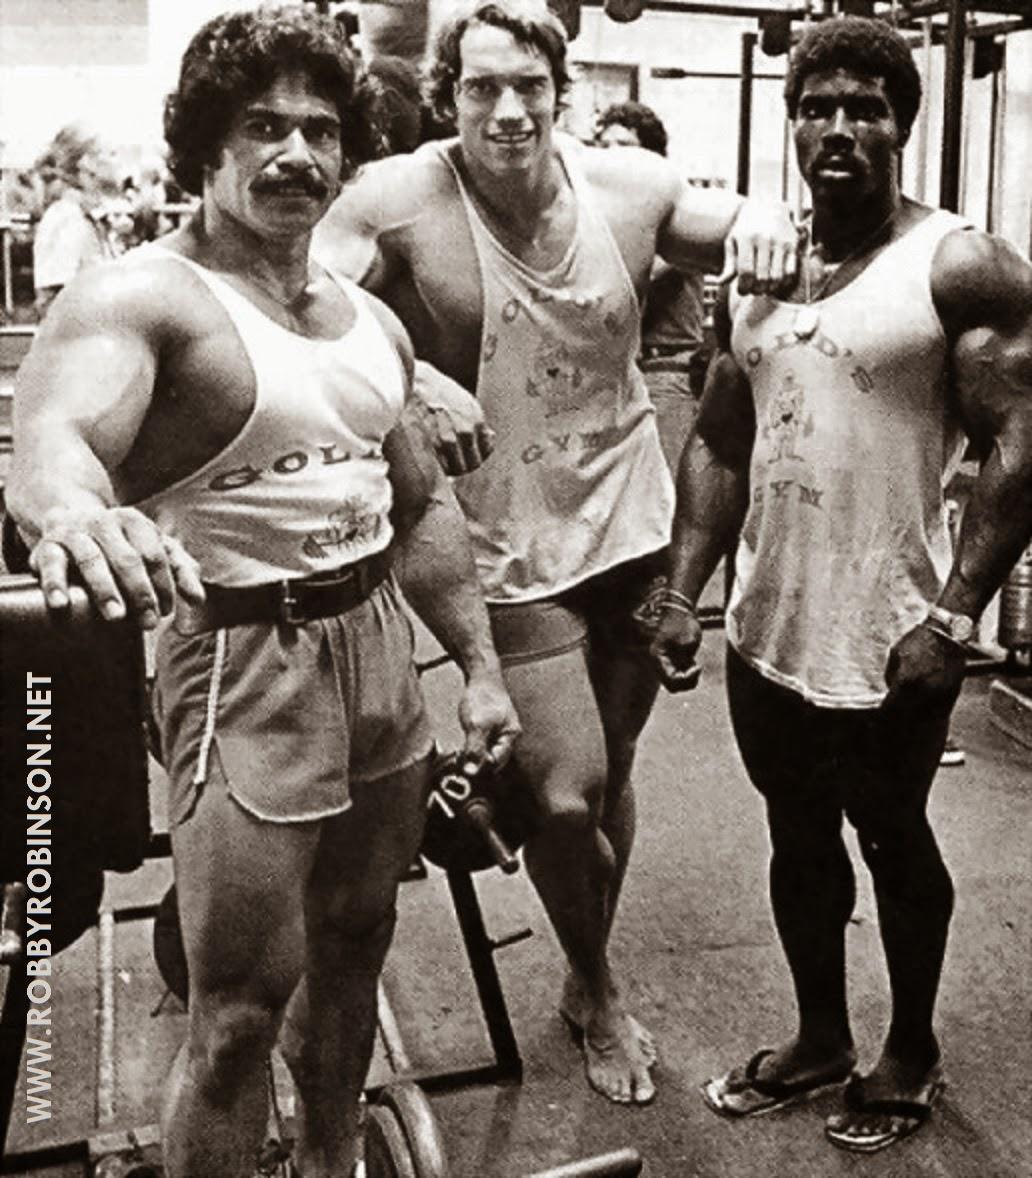 club schwarzenegger arnold en el sal211n de la fama gold180s gym